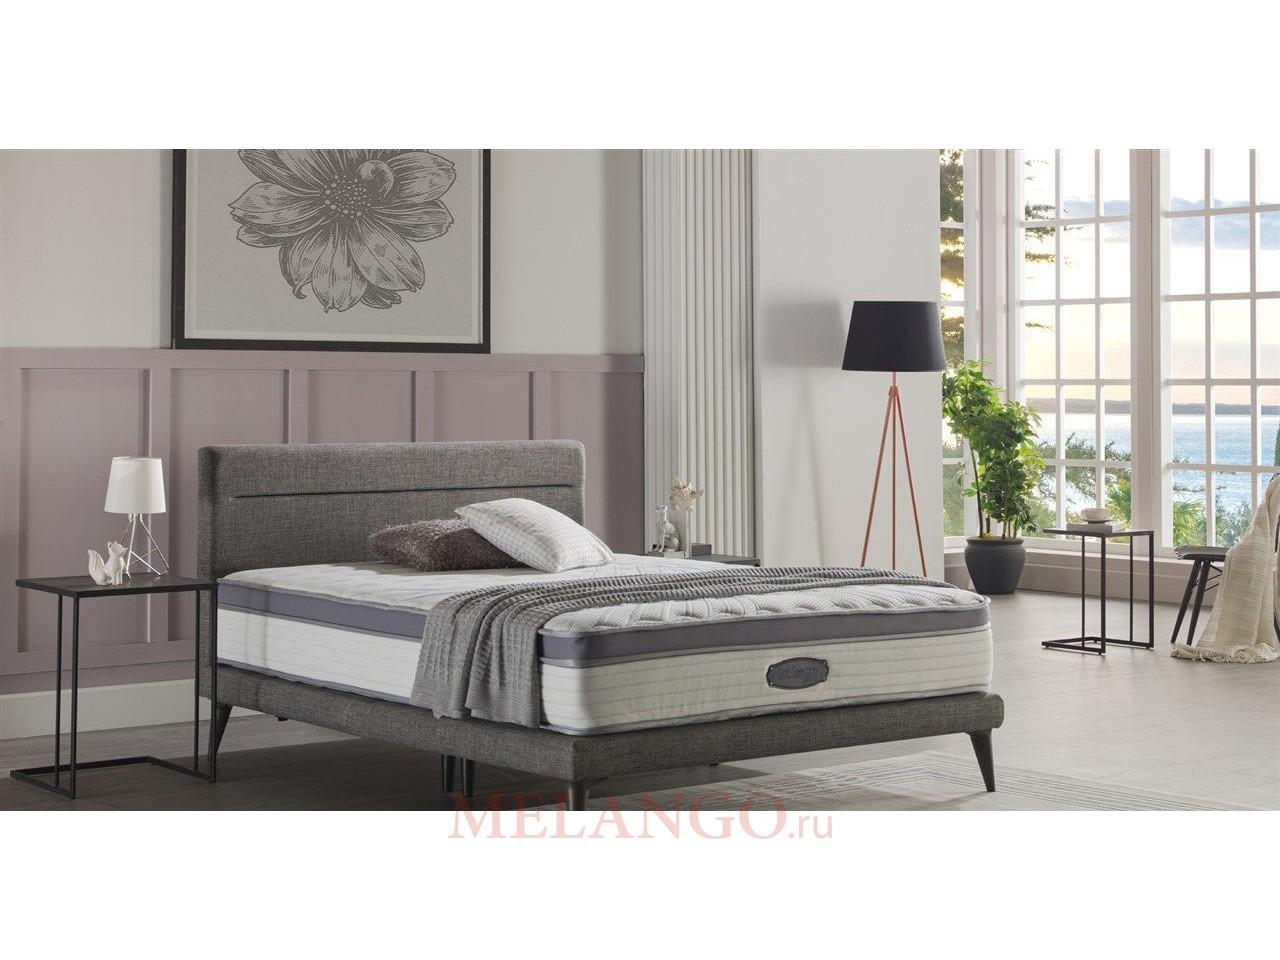 Двуспальная кровать FLEXY 26-160/180